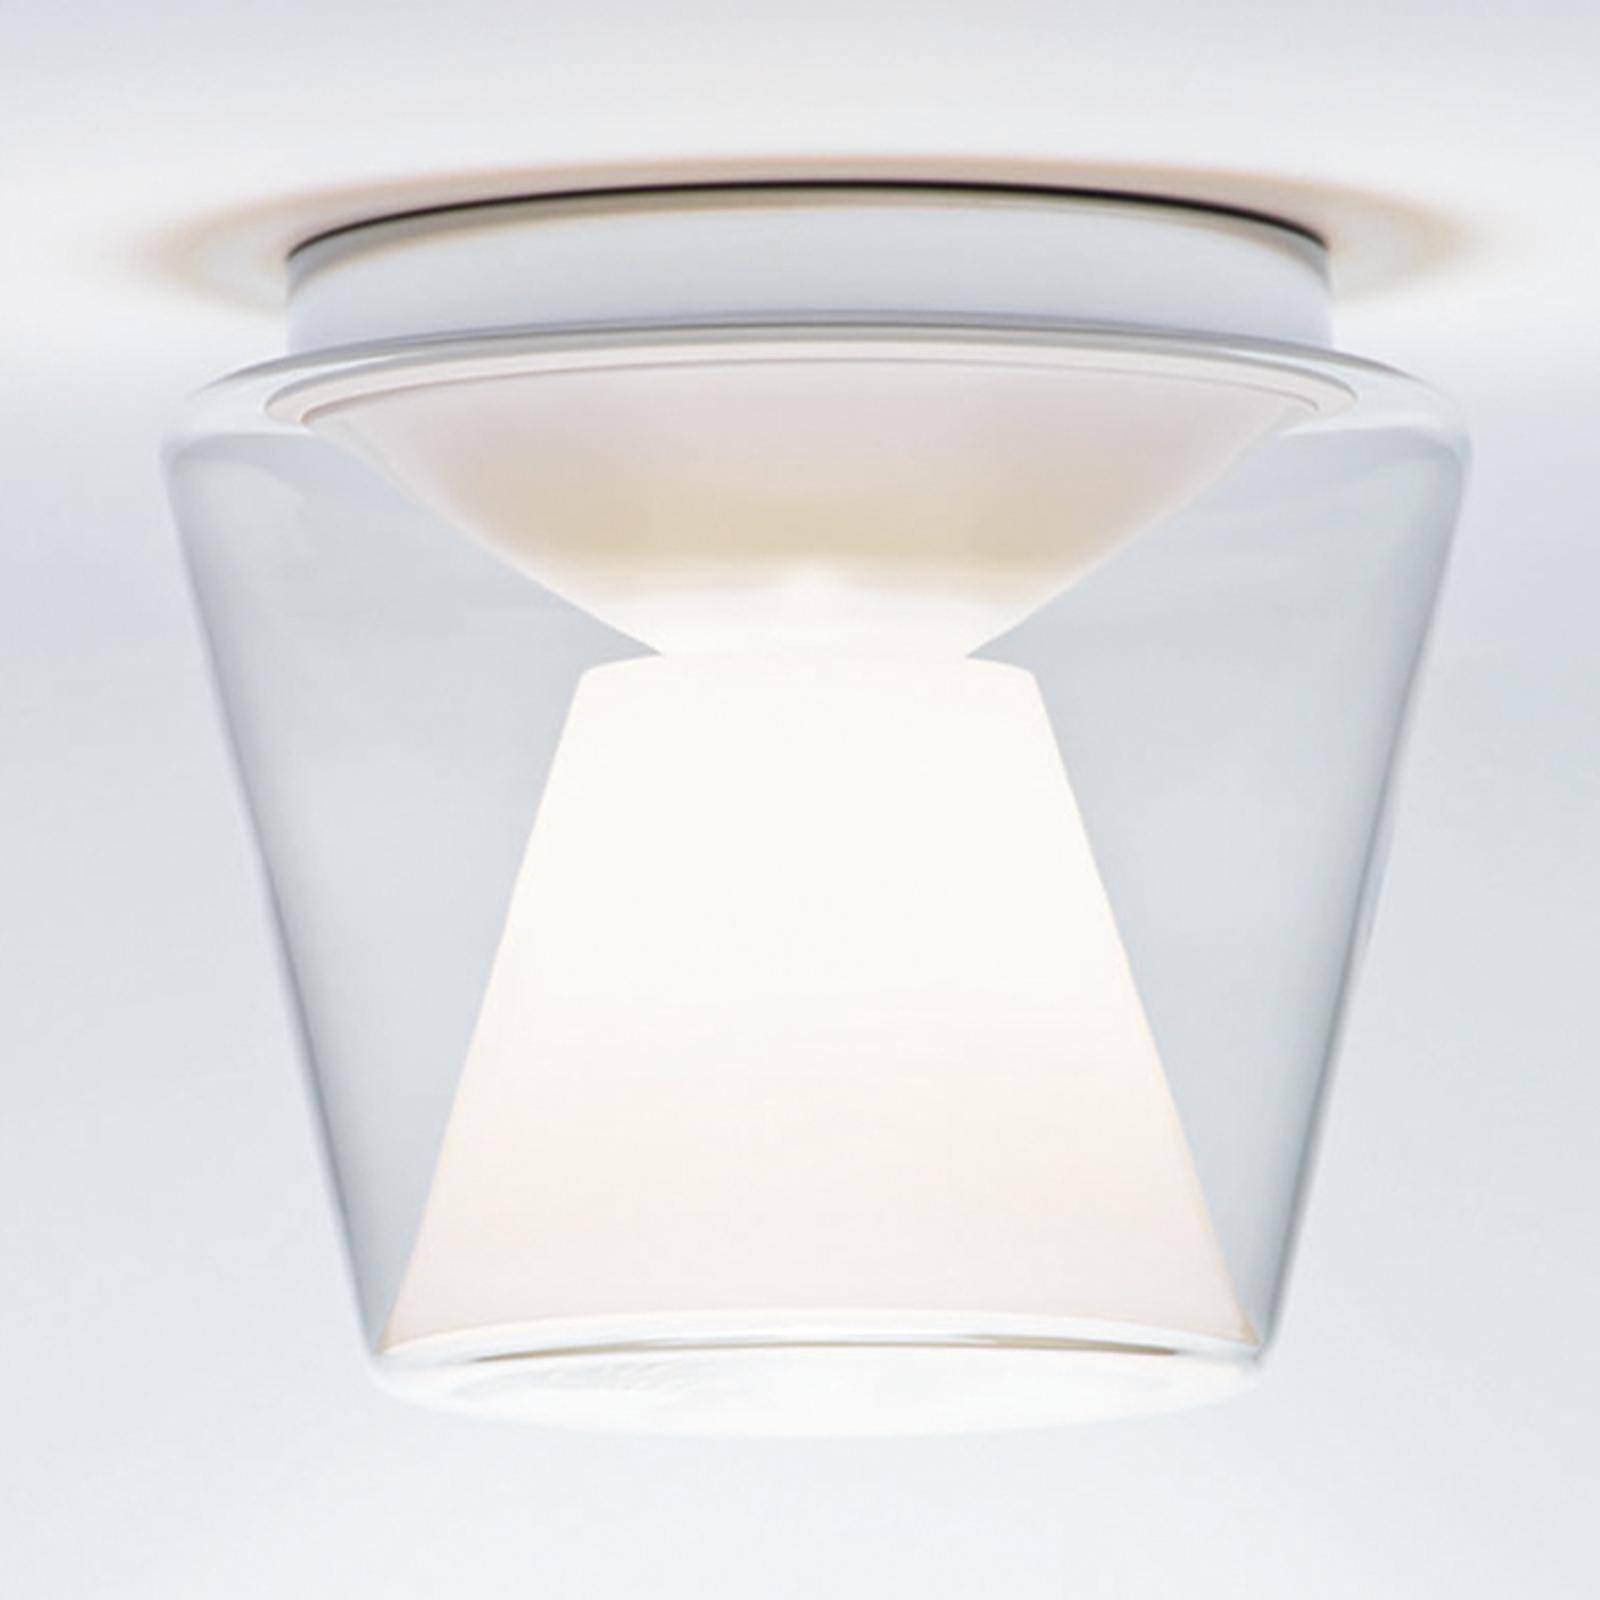 Mundblæst LED designer loftslampe Annex